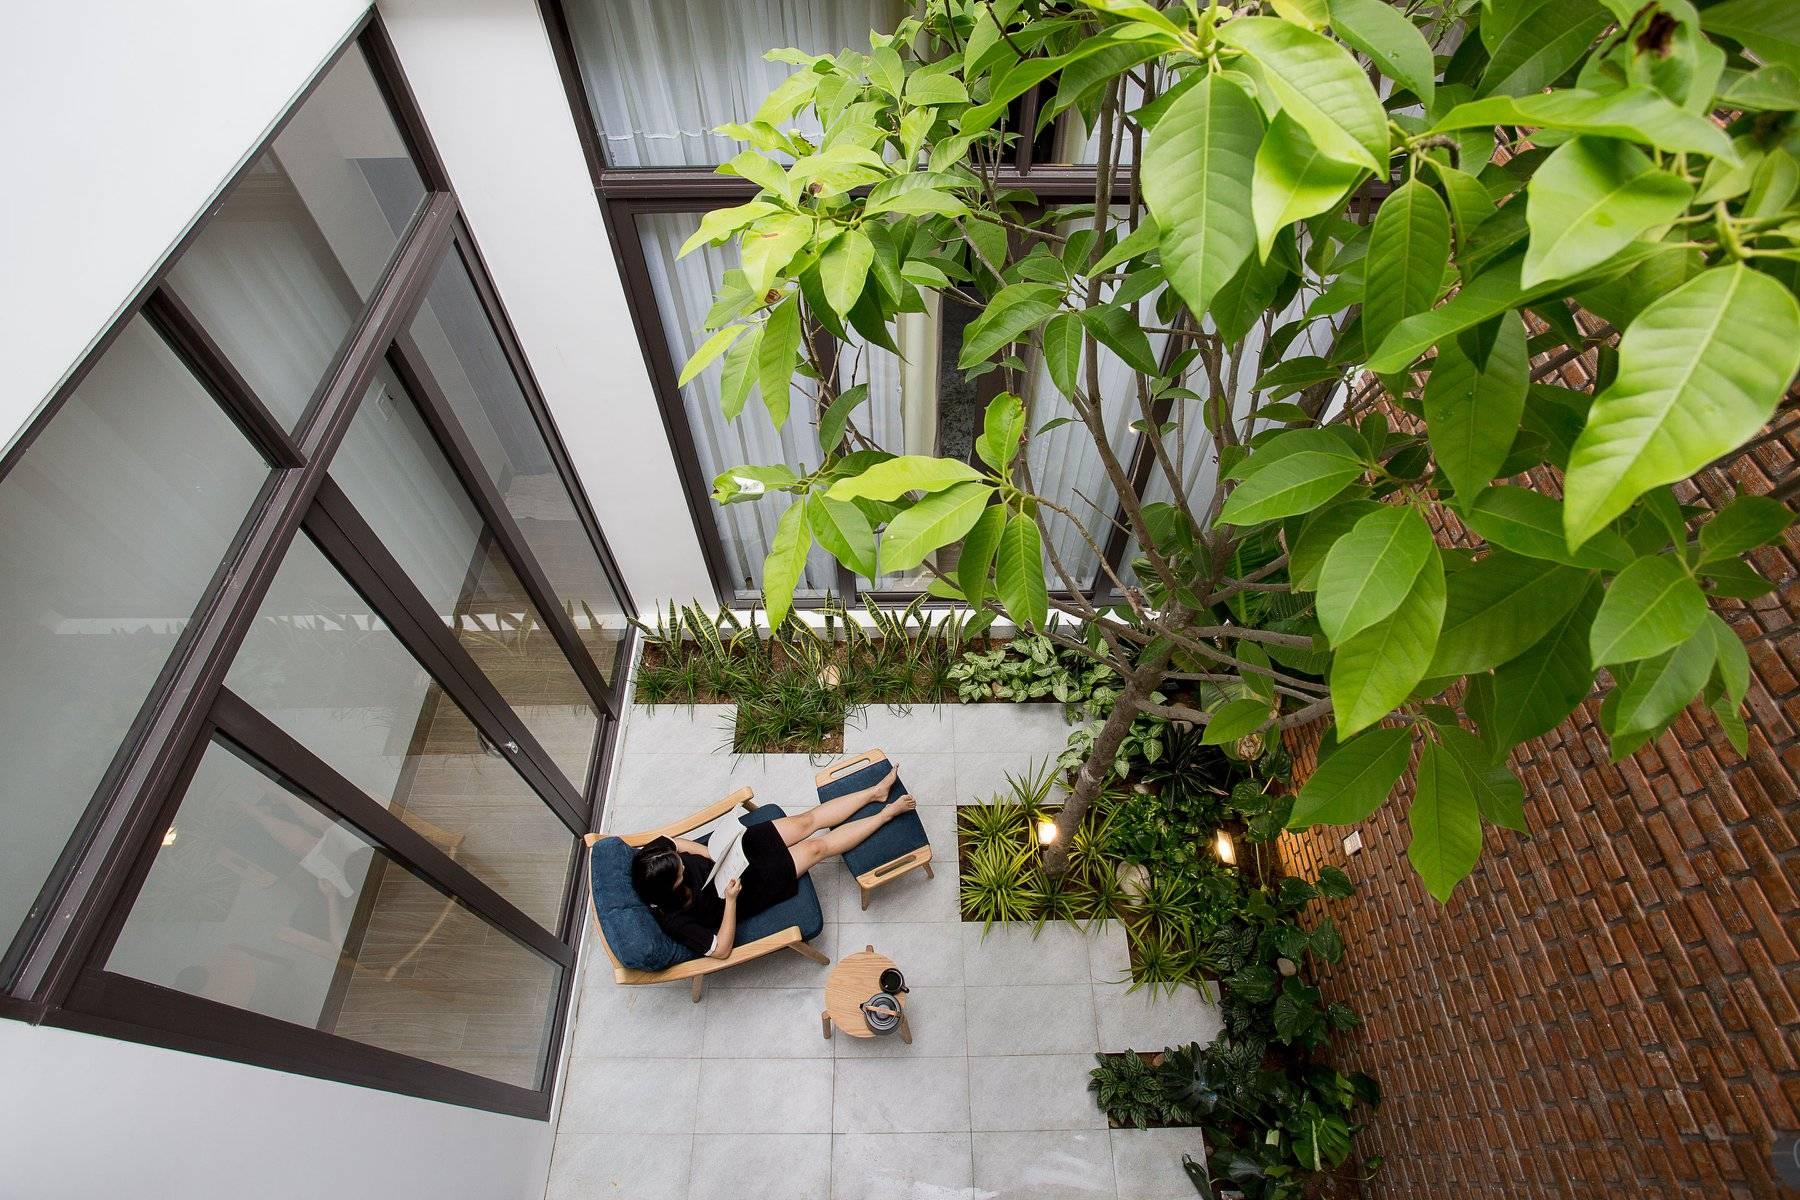 cây ngọc lan trồng nơi giếng trời